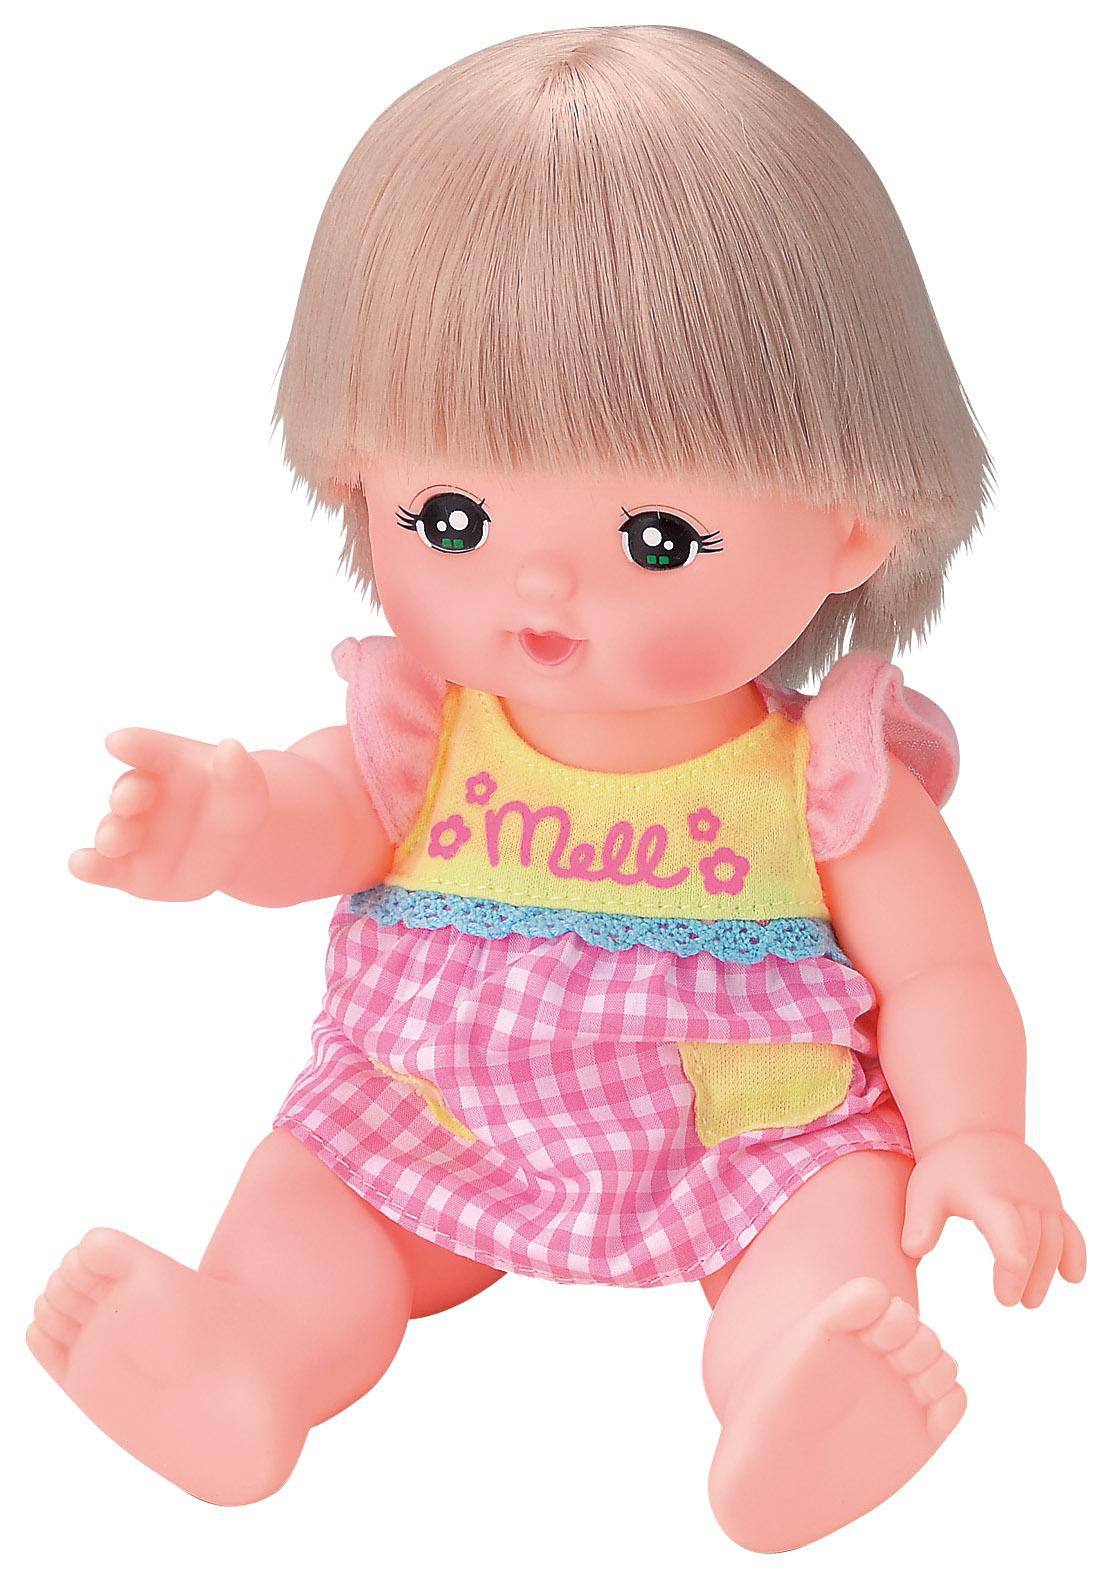 【WORLDTOYS(CAMBODIA)】おせわだいすきメルちゃん 人形(全長約26cm)